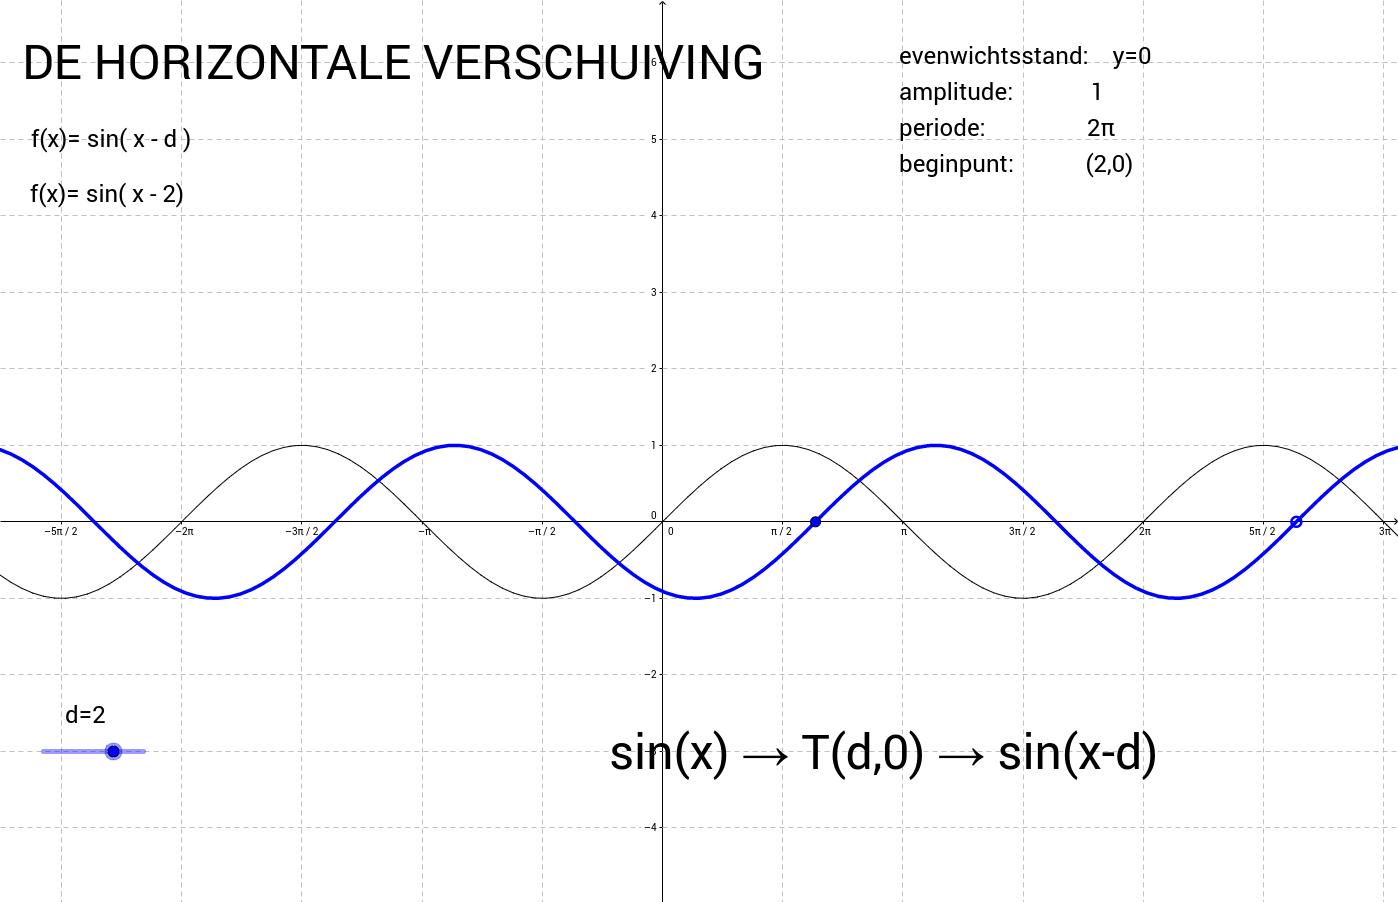 4. Transformaties op de sinusfunctie - deel I d